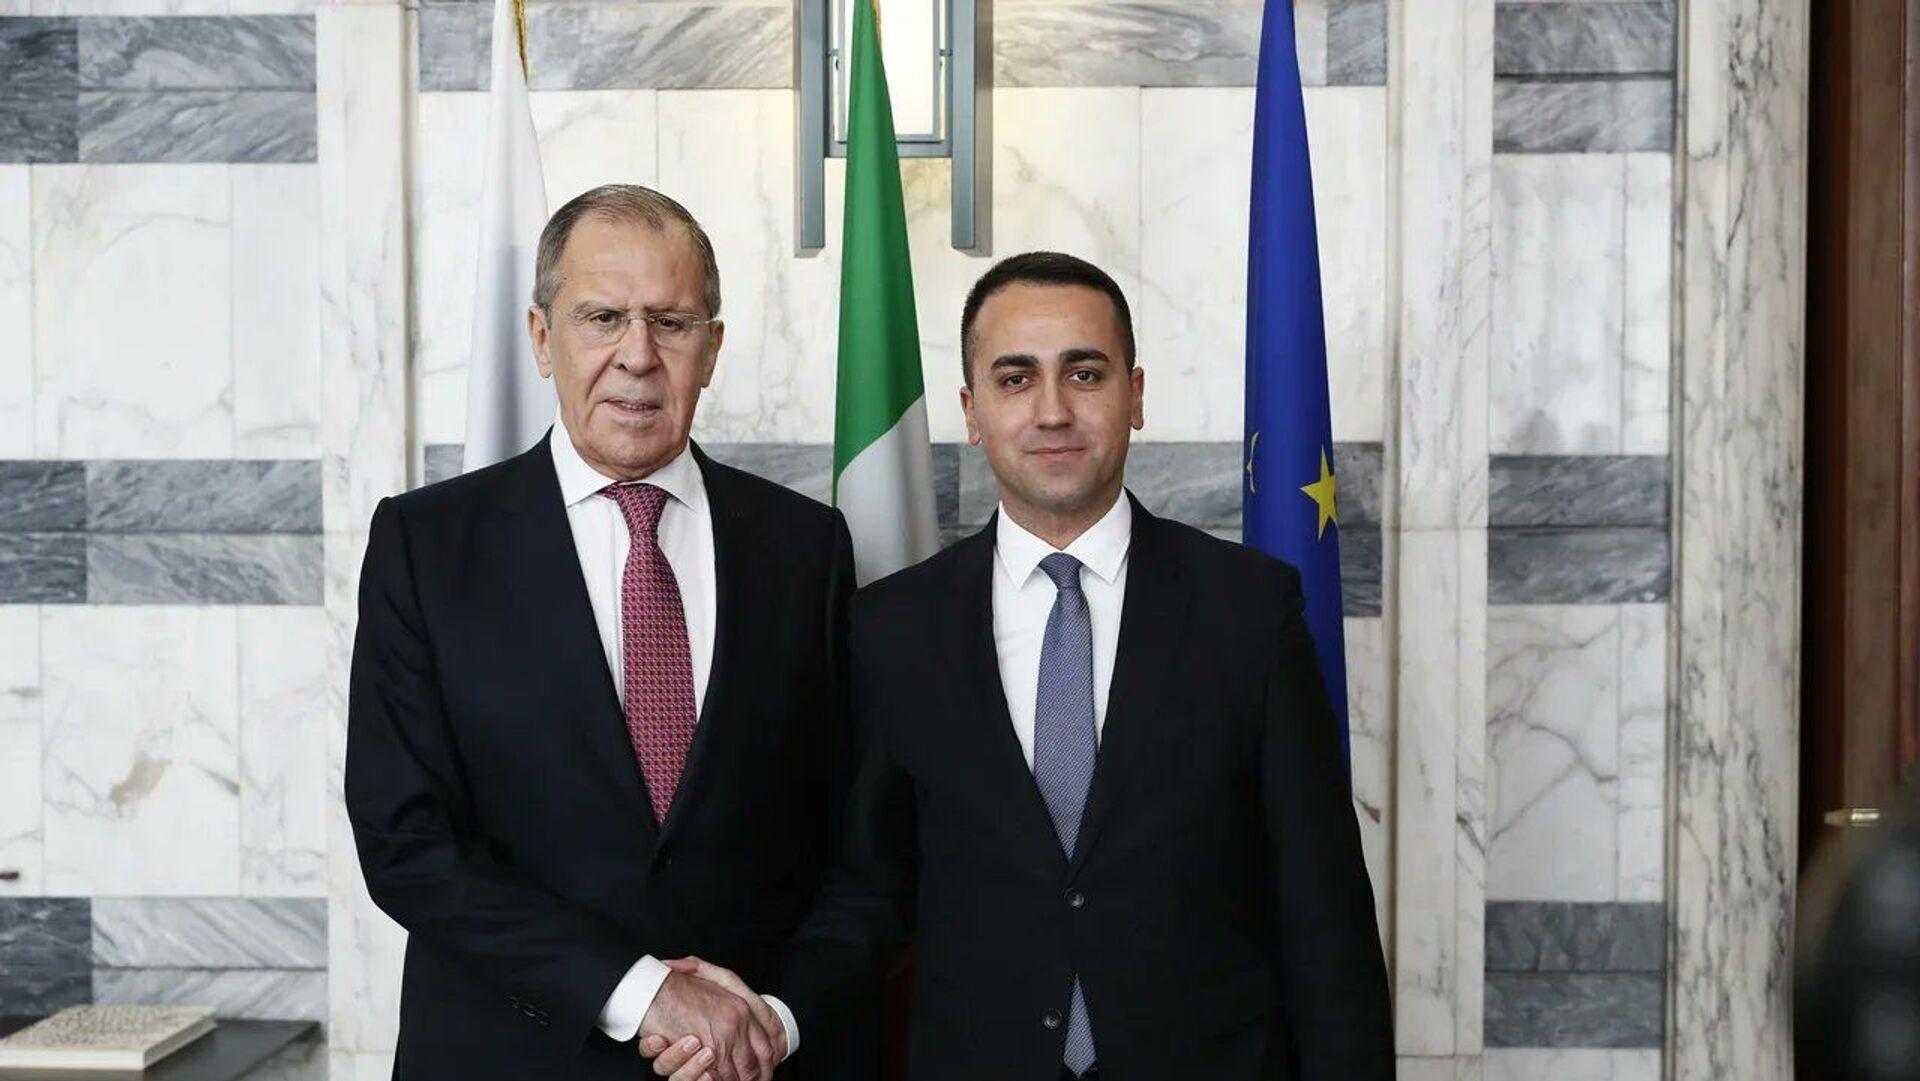 Il ministro degli Esteri russo Sergey Lavrov e il ministro degli Esteri italiano Luigi Di Maio s'incontrano a Roma - Sputnik Italia, 1920, 26.08.2021